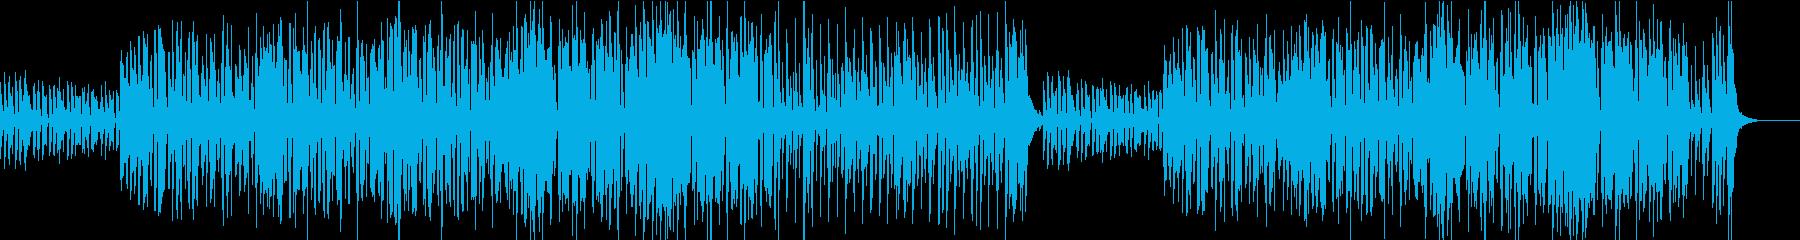 陽気で明るく軽快な口笛のブラスジャズの再生済みの波形